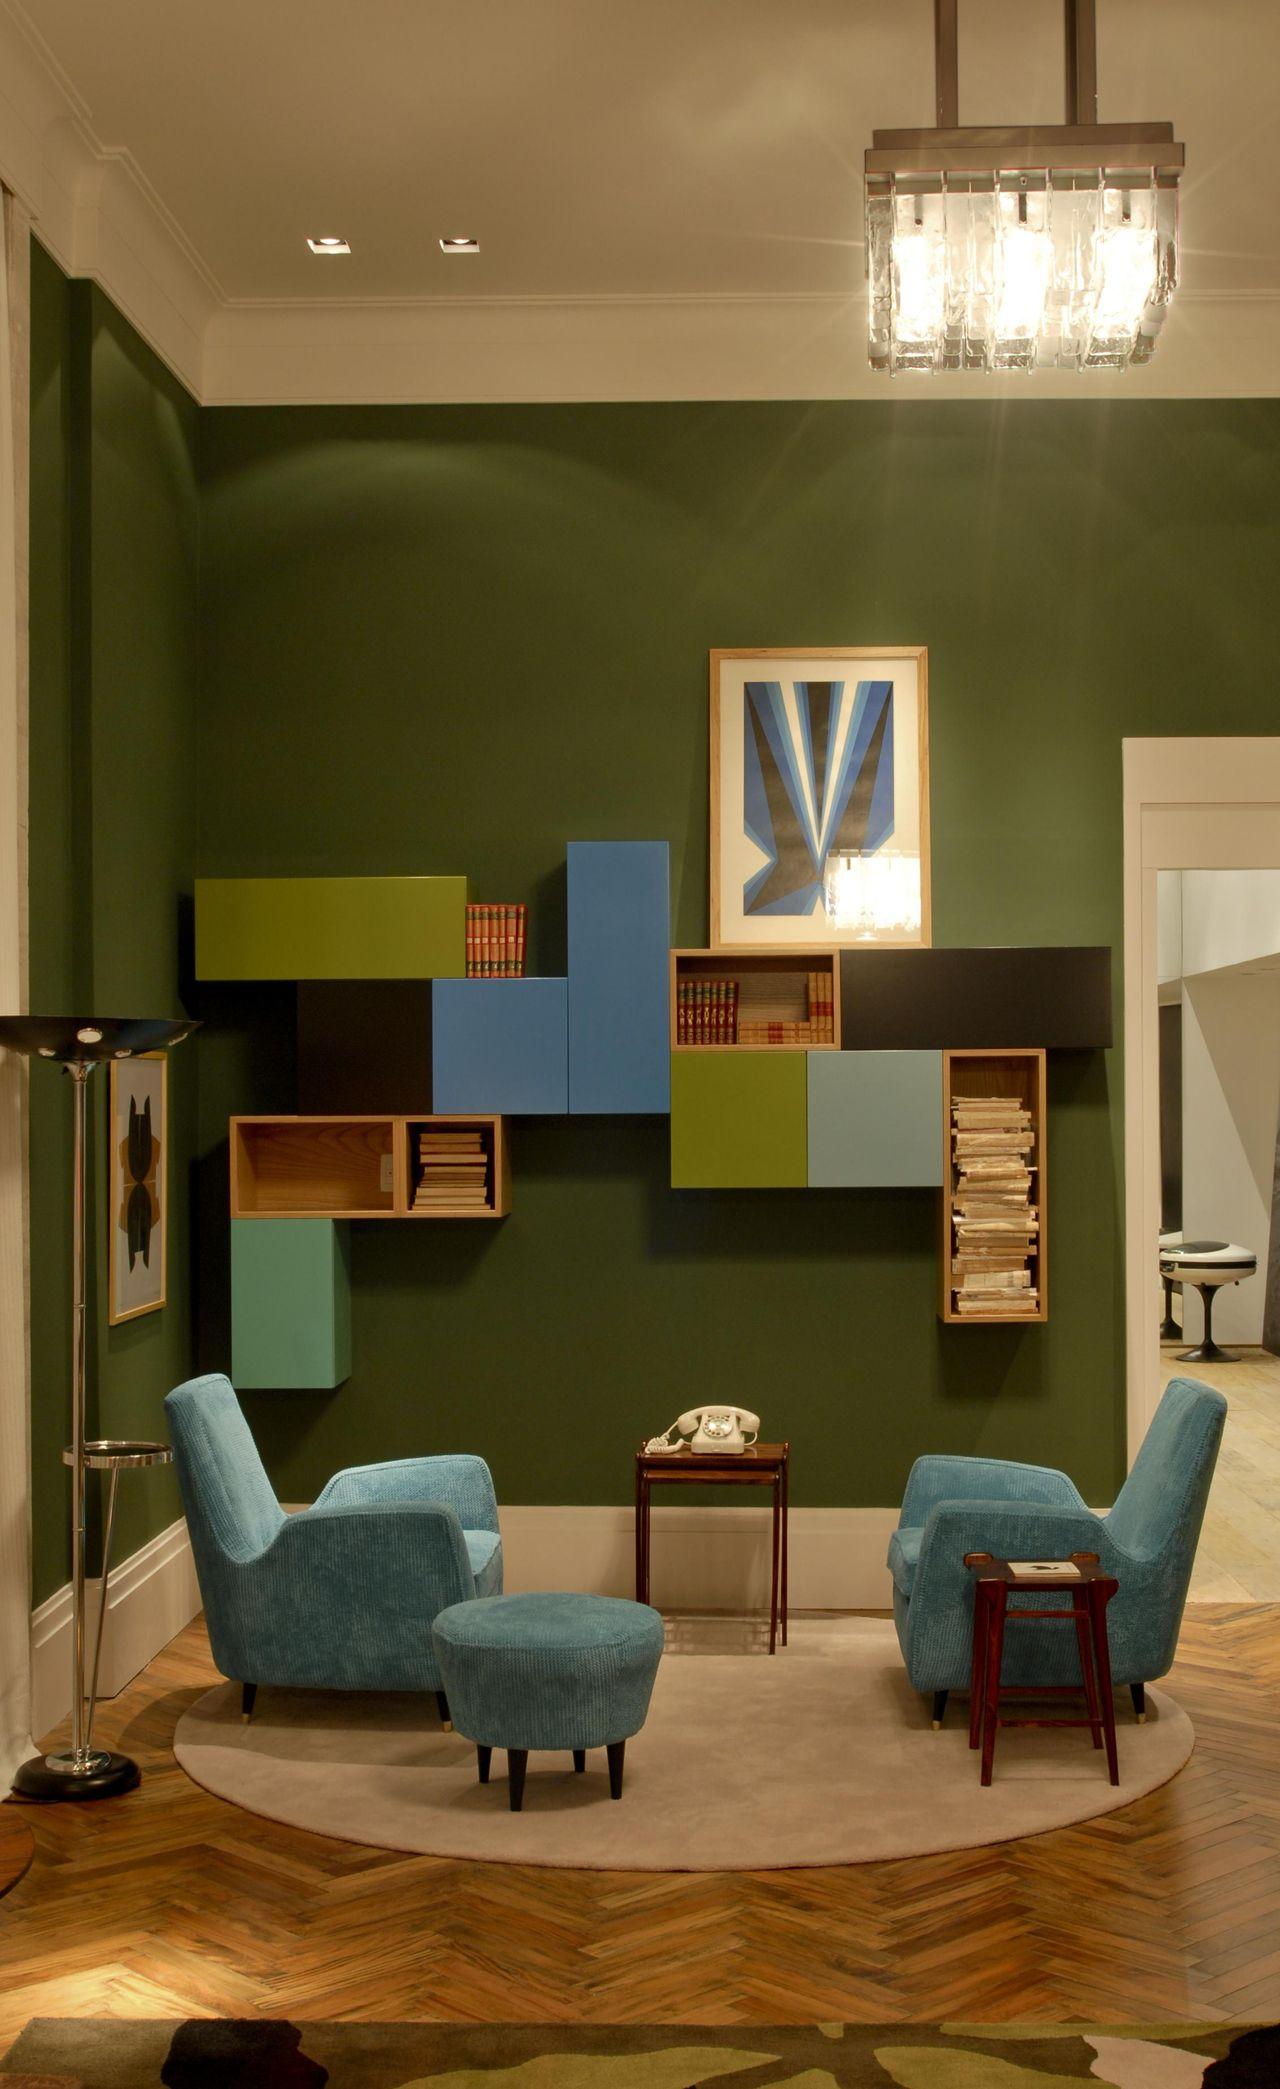 Nichos Coloridos E Poltronas Azul Turquesa De Ant Nio Ferreira  -> Cadeiras Acrilico Azul Turquesa